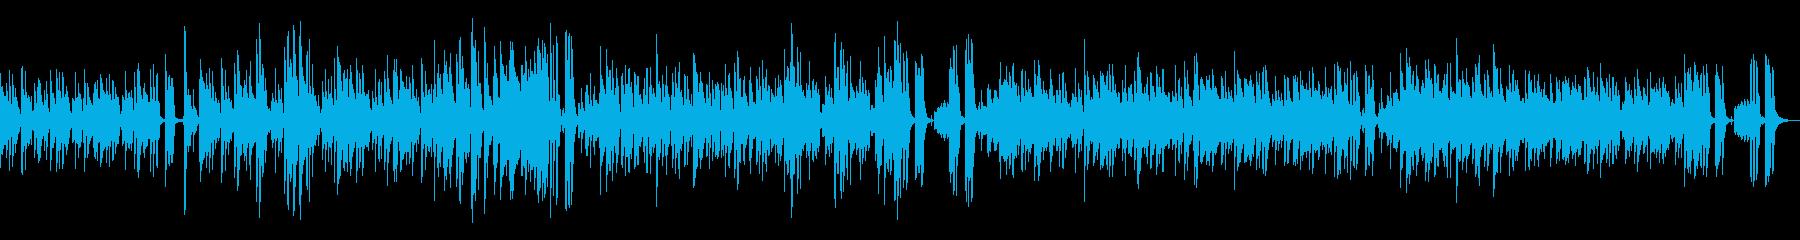 南国のリゾート地をイメージしたボサノバ曲の再生済みの波形